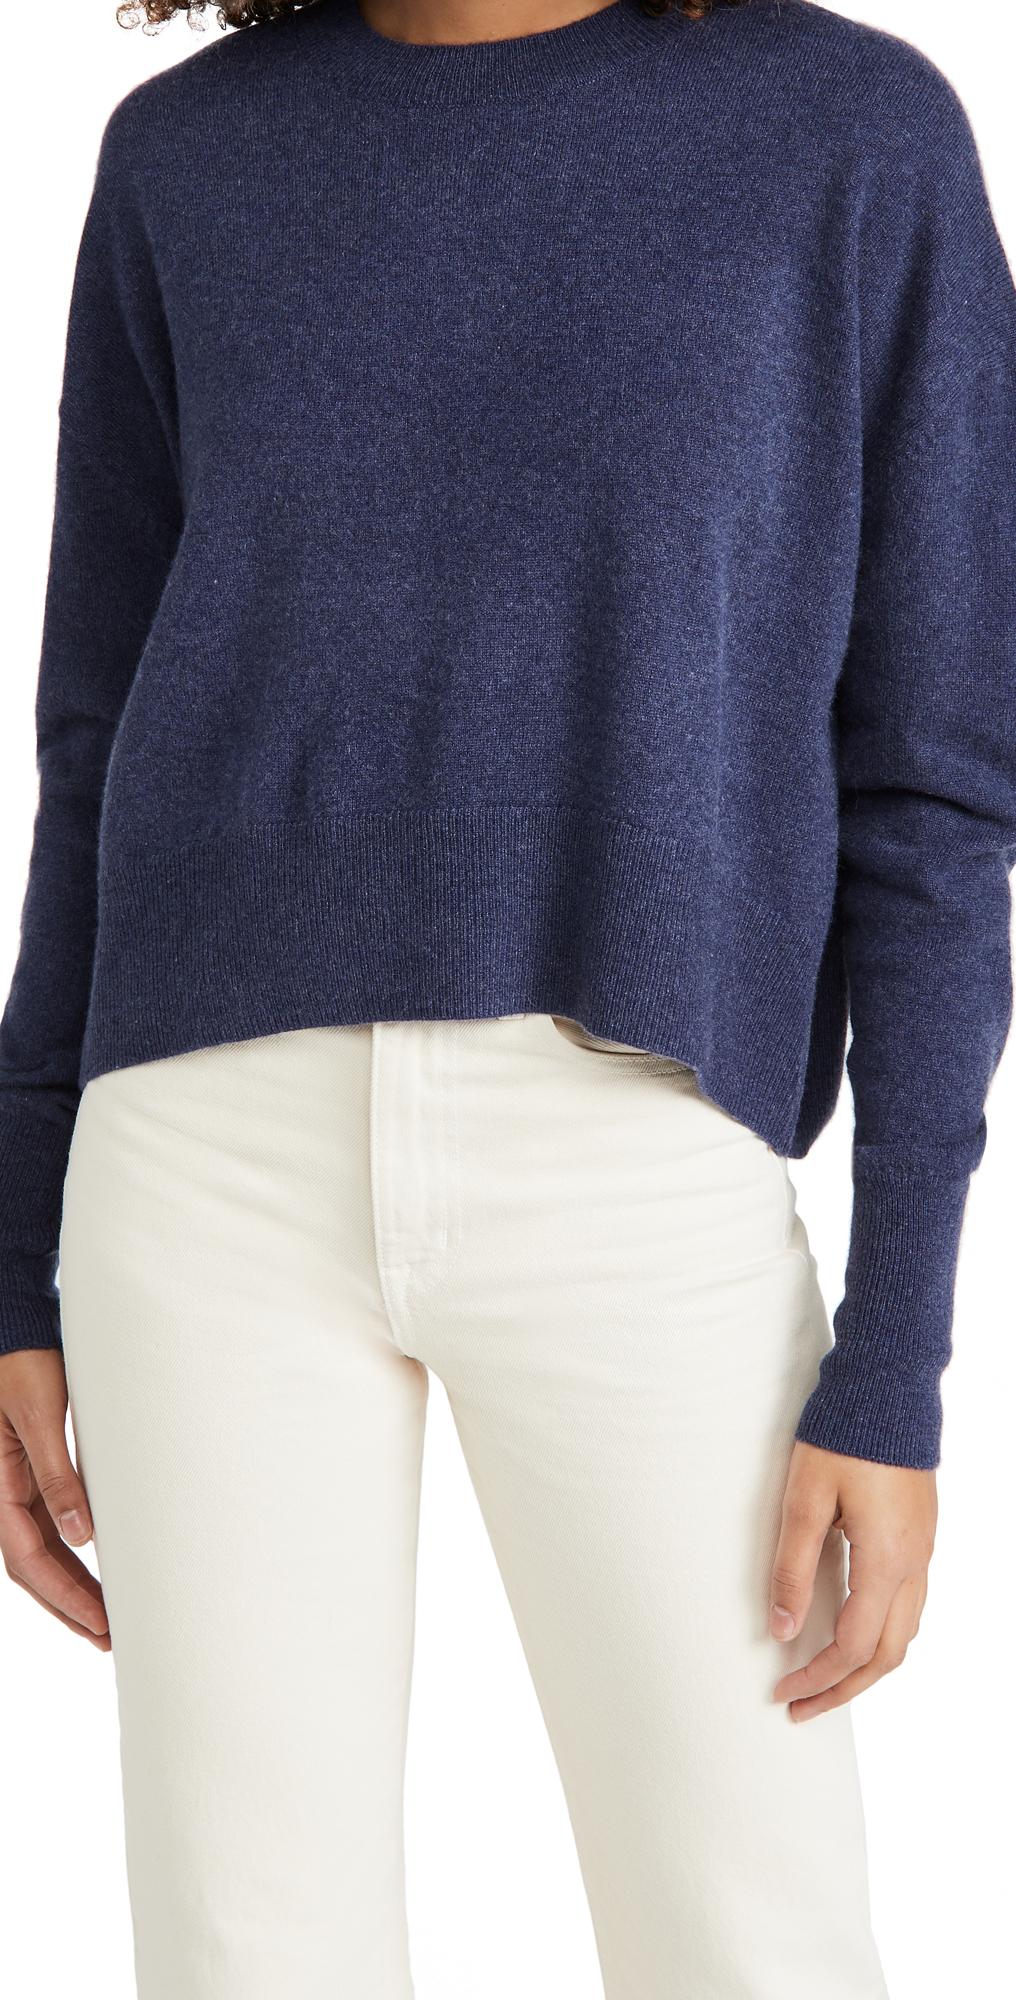 Sablyn Adryan Sweater